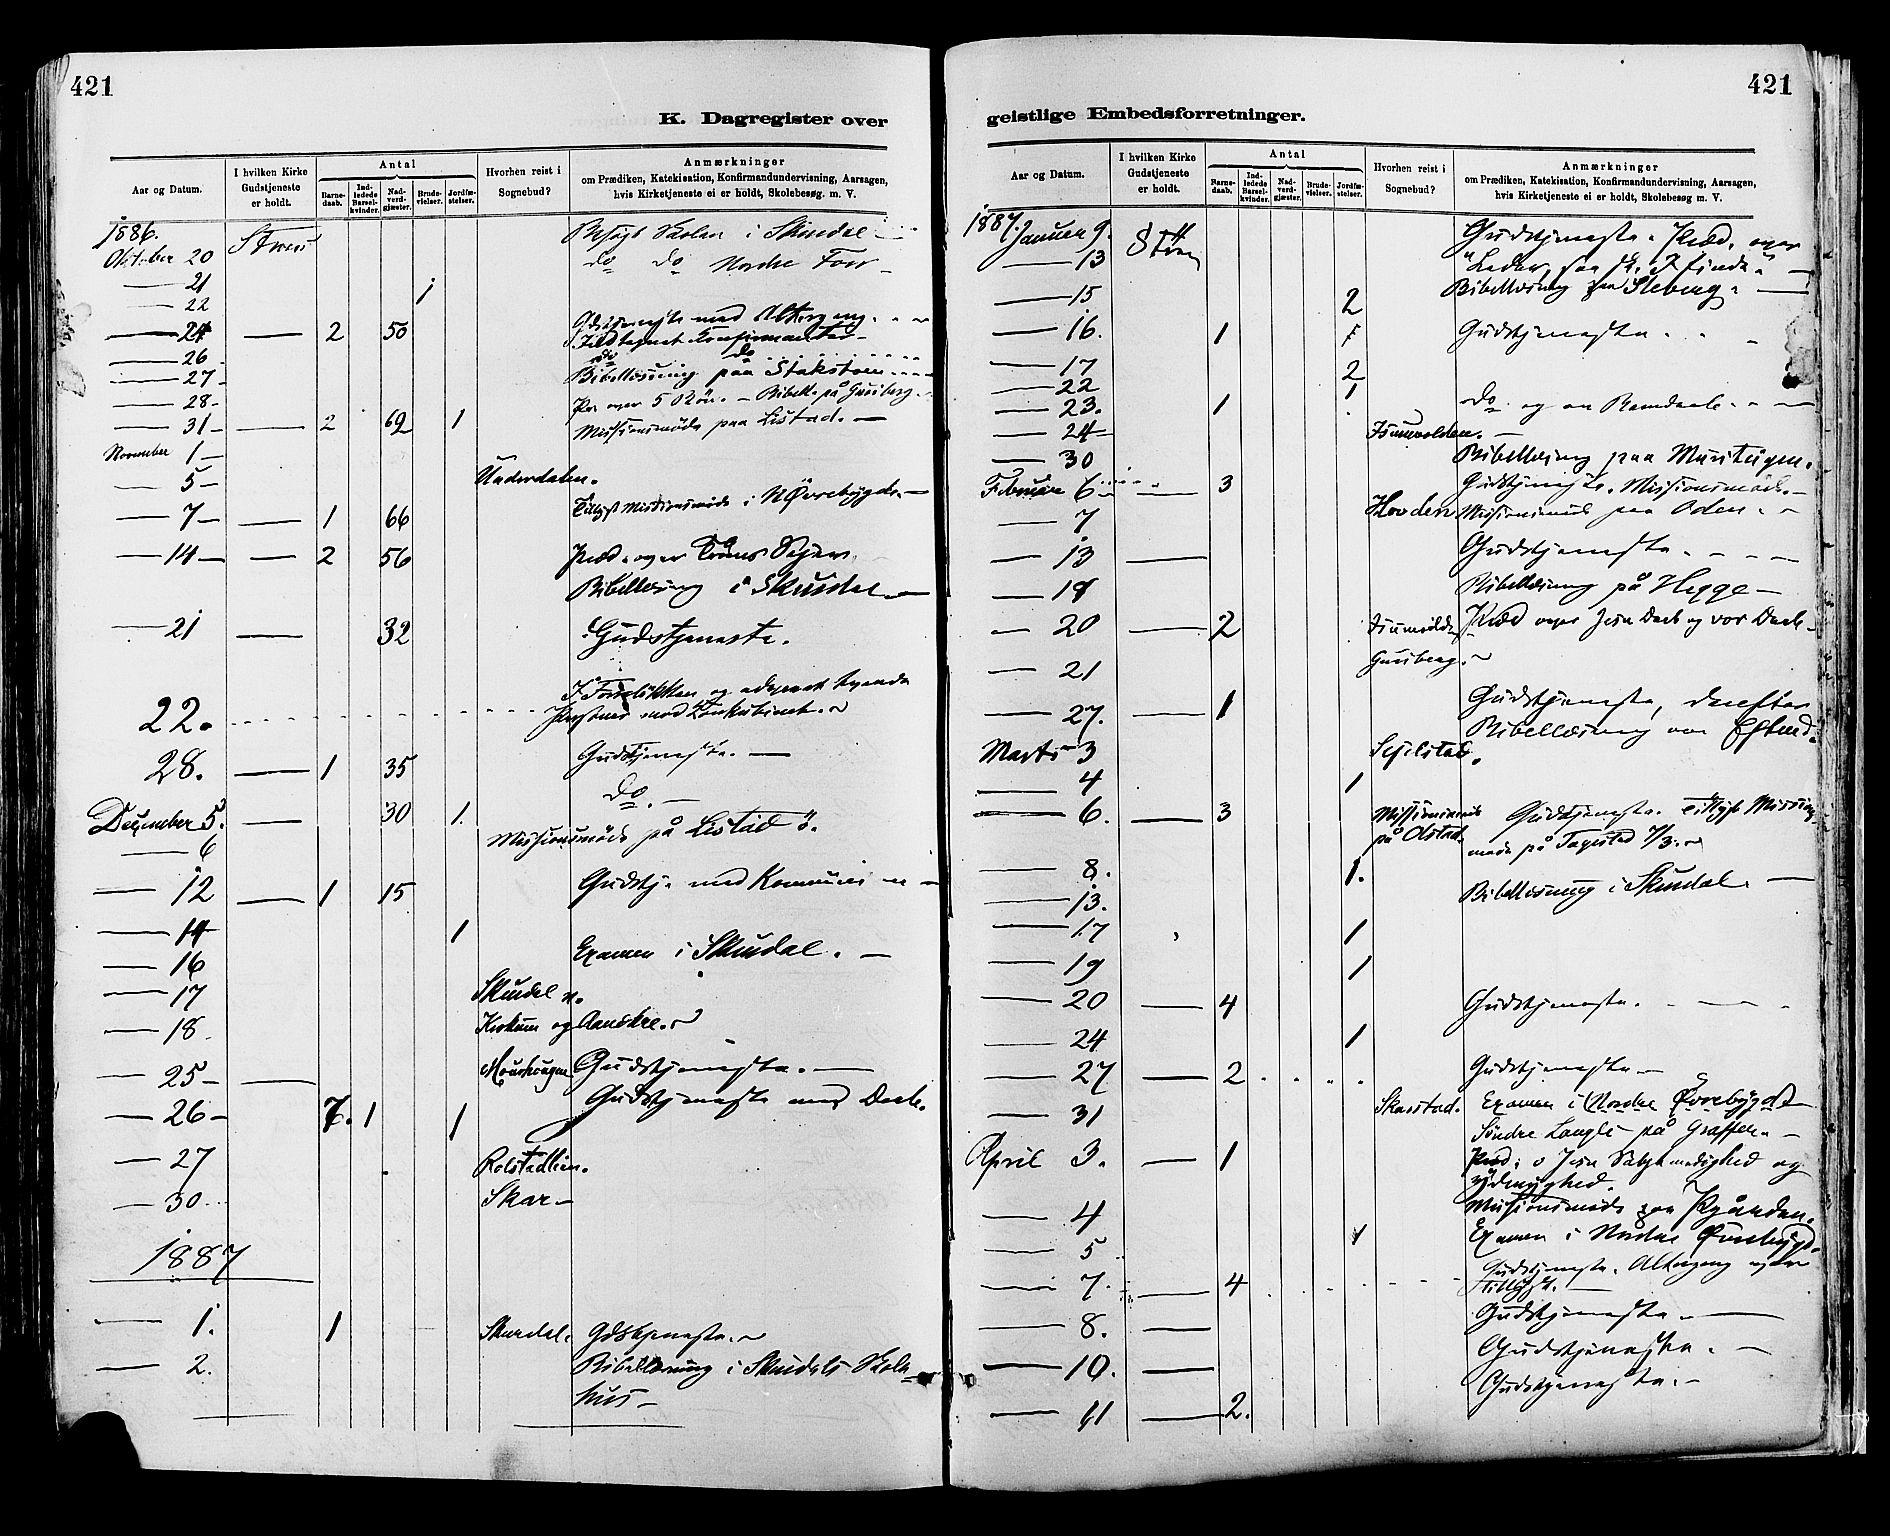 SAH, Sør-Fron prestekontor, H/Ha/Haa/L0003: Ministerialbok nr. 3, 1881-1897, s. 421